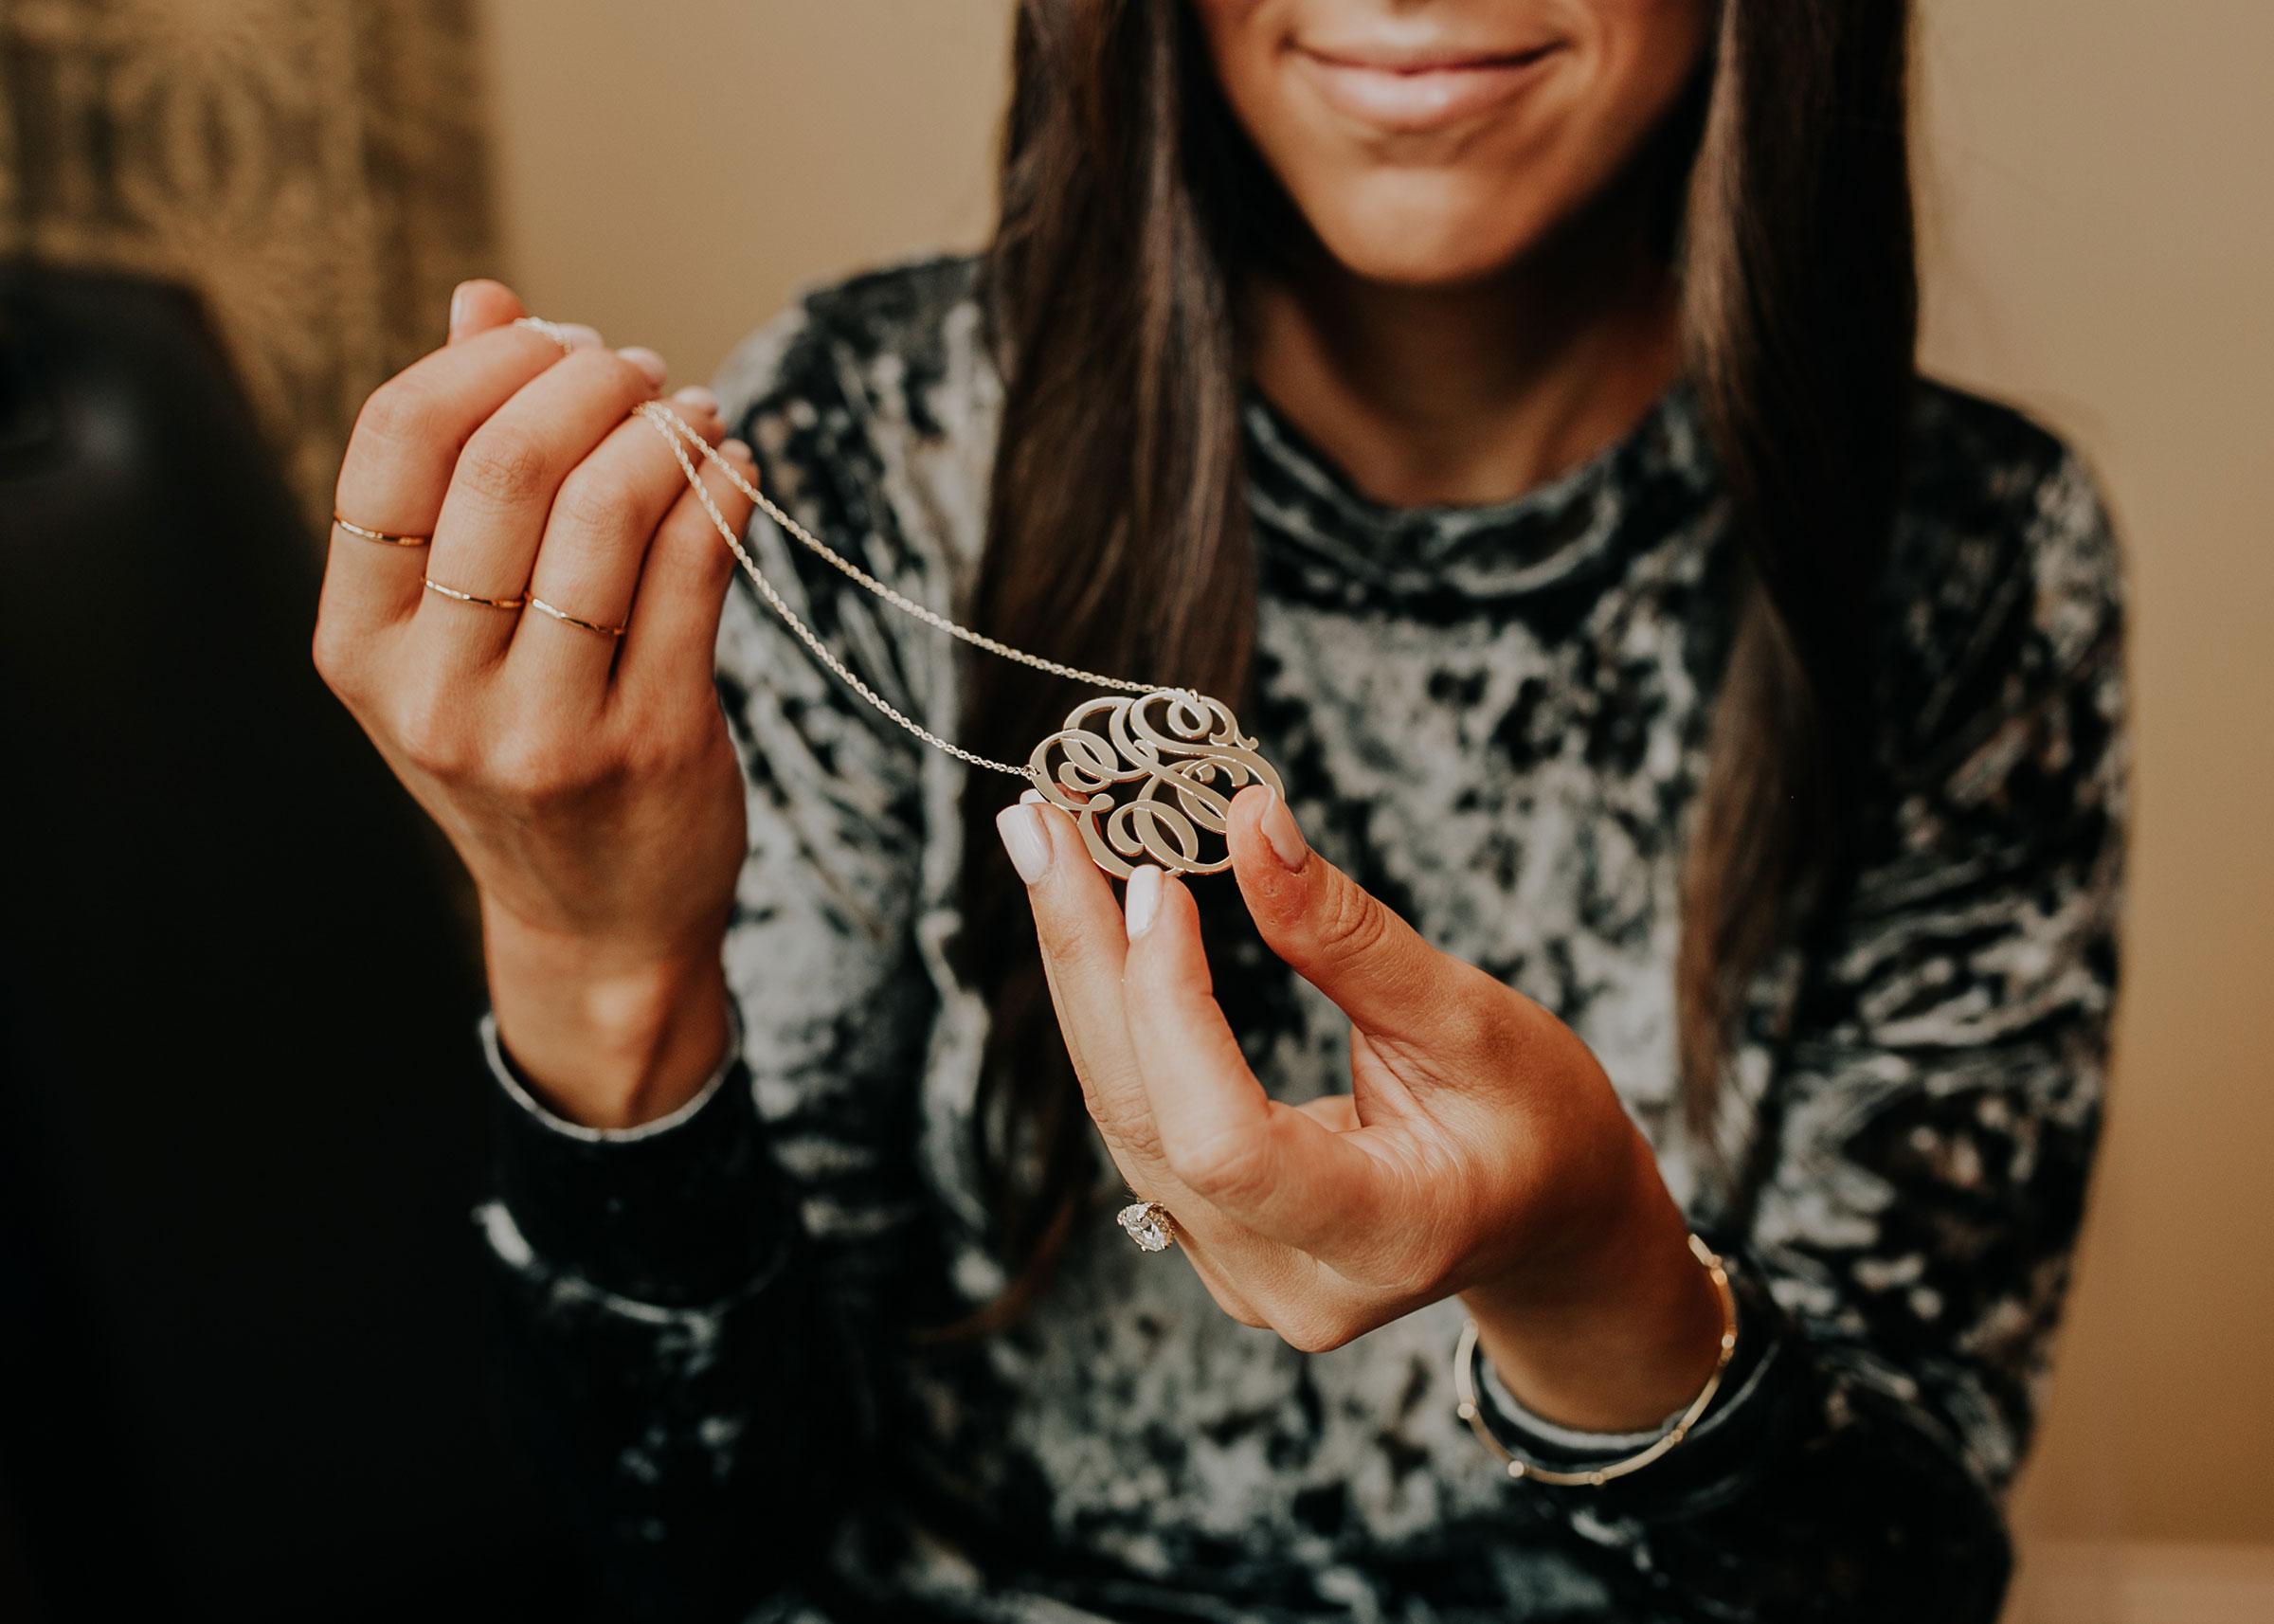 bride-with-necklace-from-groom-hilton-omaha-nebraska-raelyn-ramey-photography.jpg